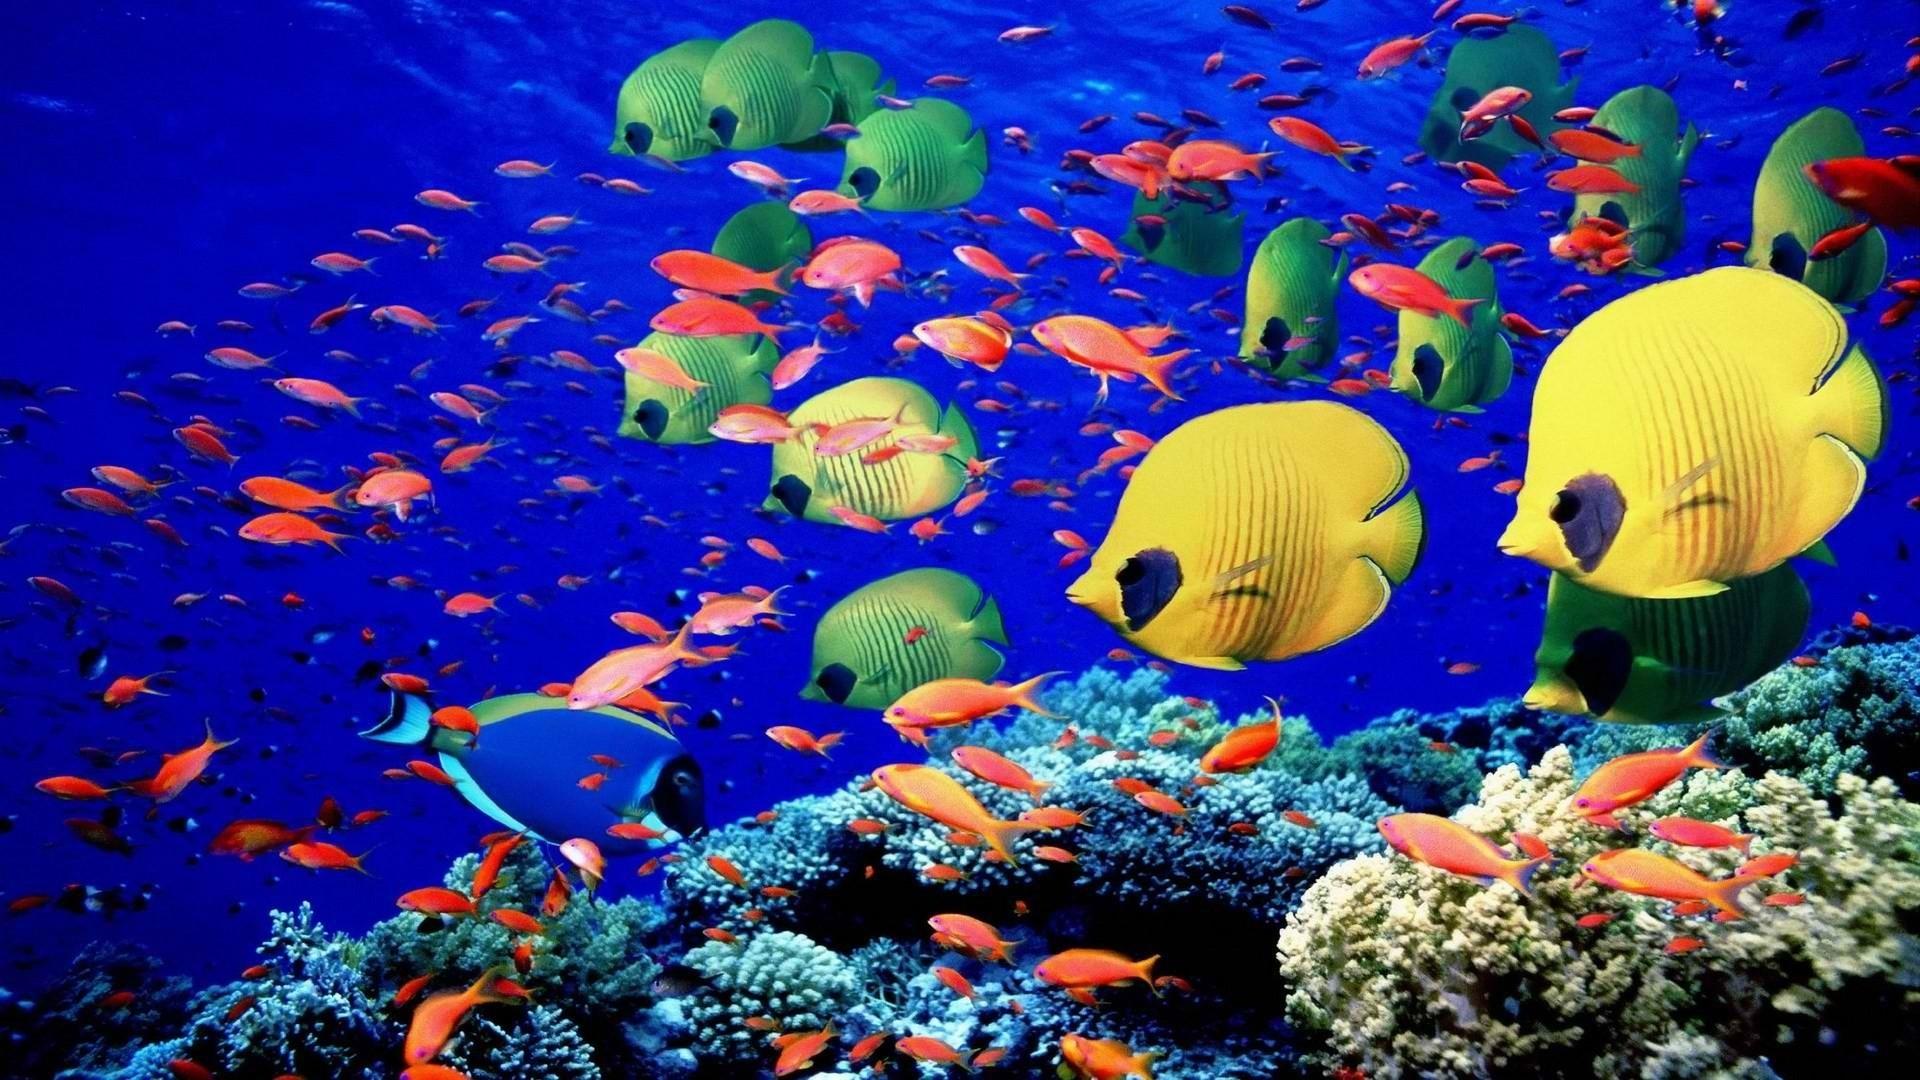 Underwater Coral Reef Wallpaper 1920×1080